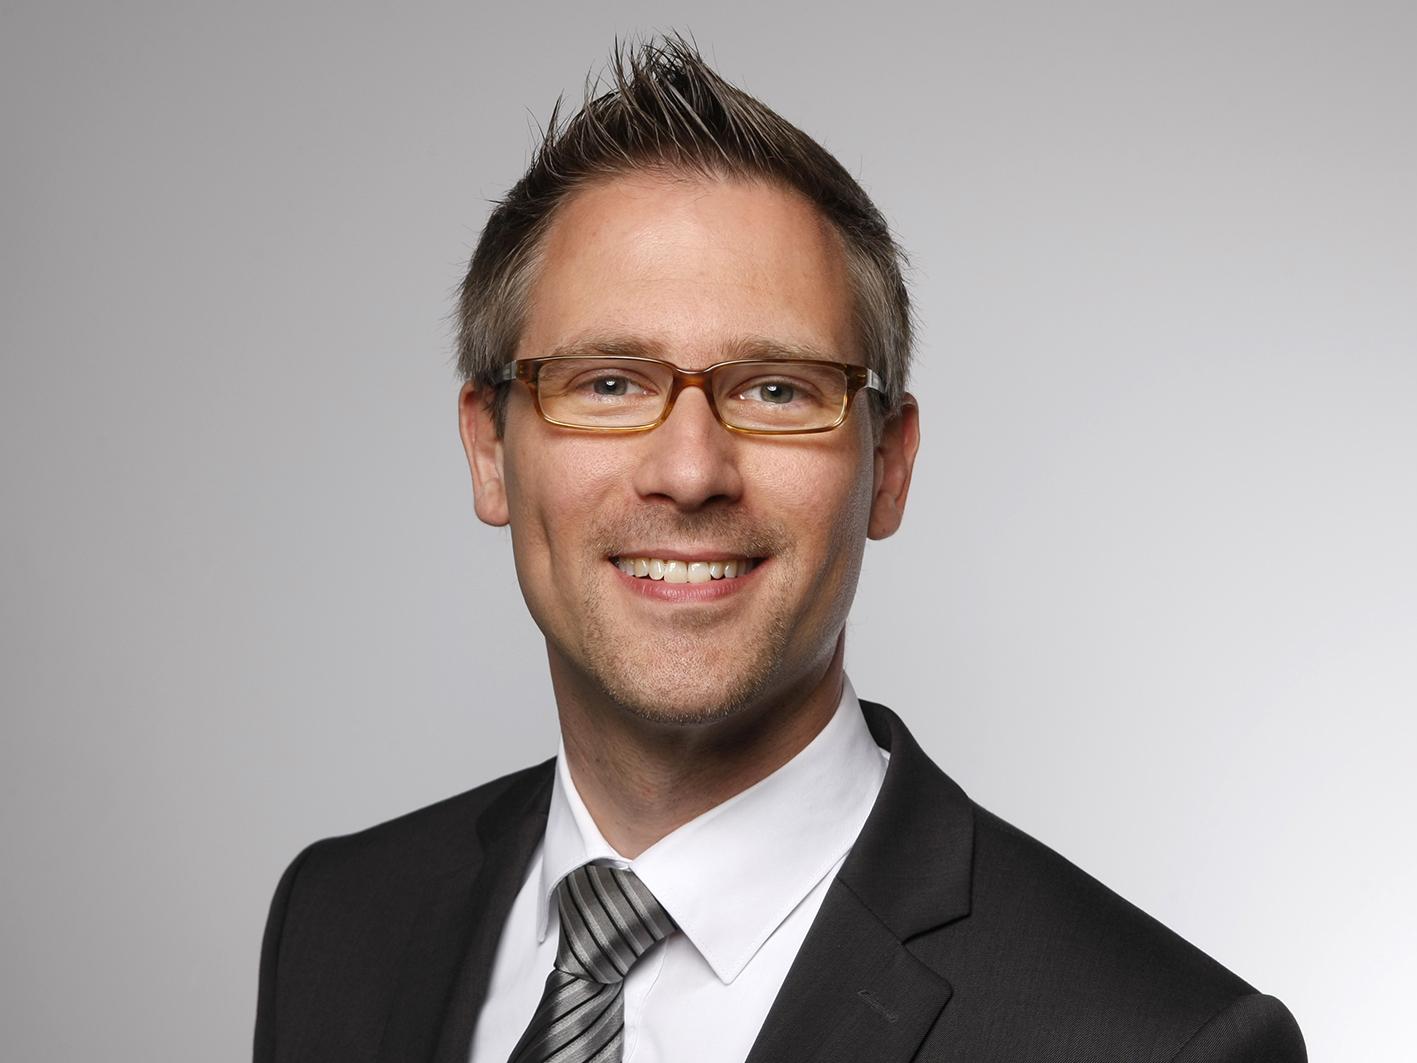 Organisationsentwicklung, Einkaufsberatung, Change Coach, Coaching, Markus Kruse, Essen, Der Zukunftsgestalter